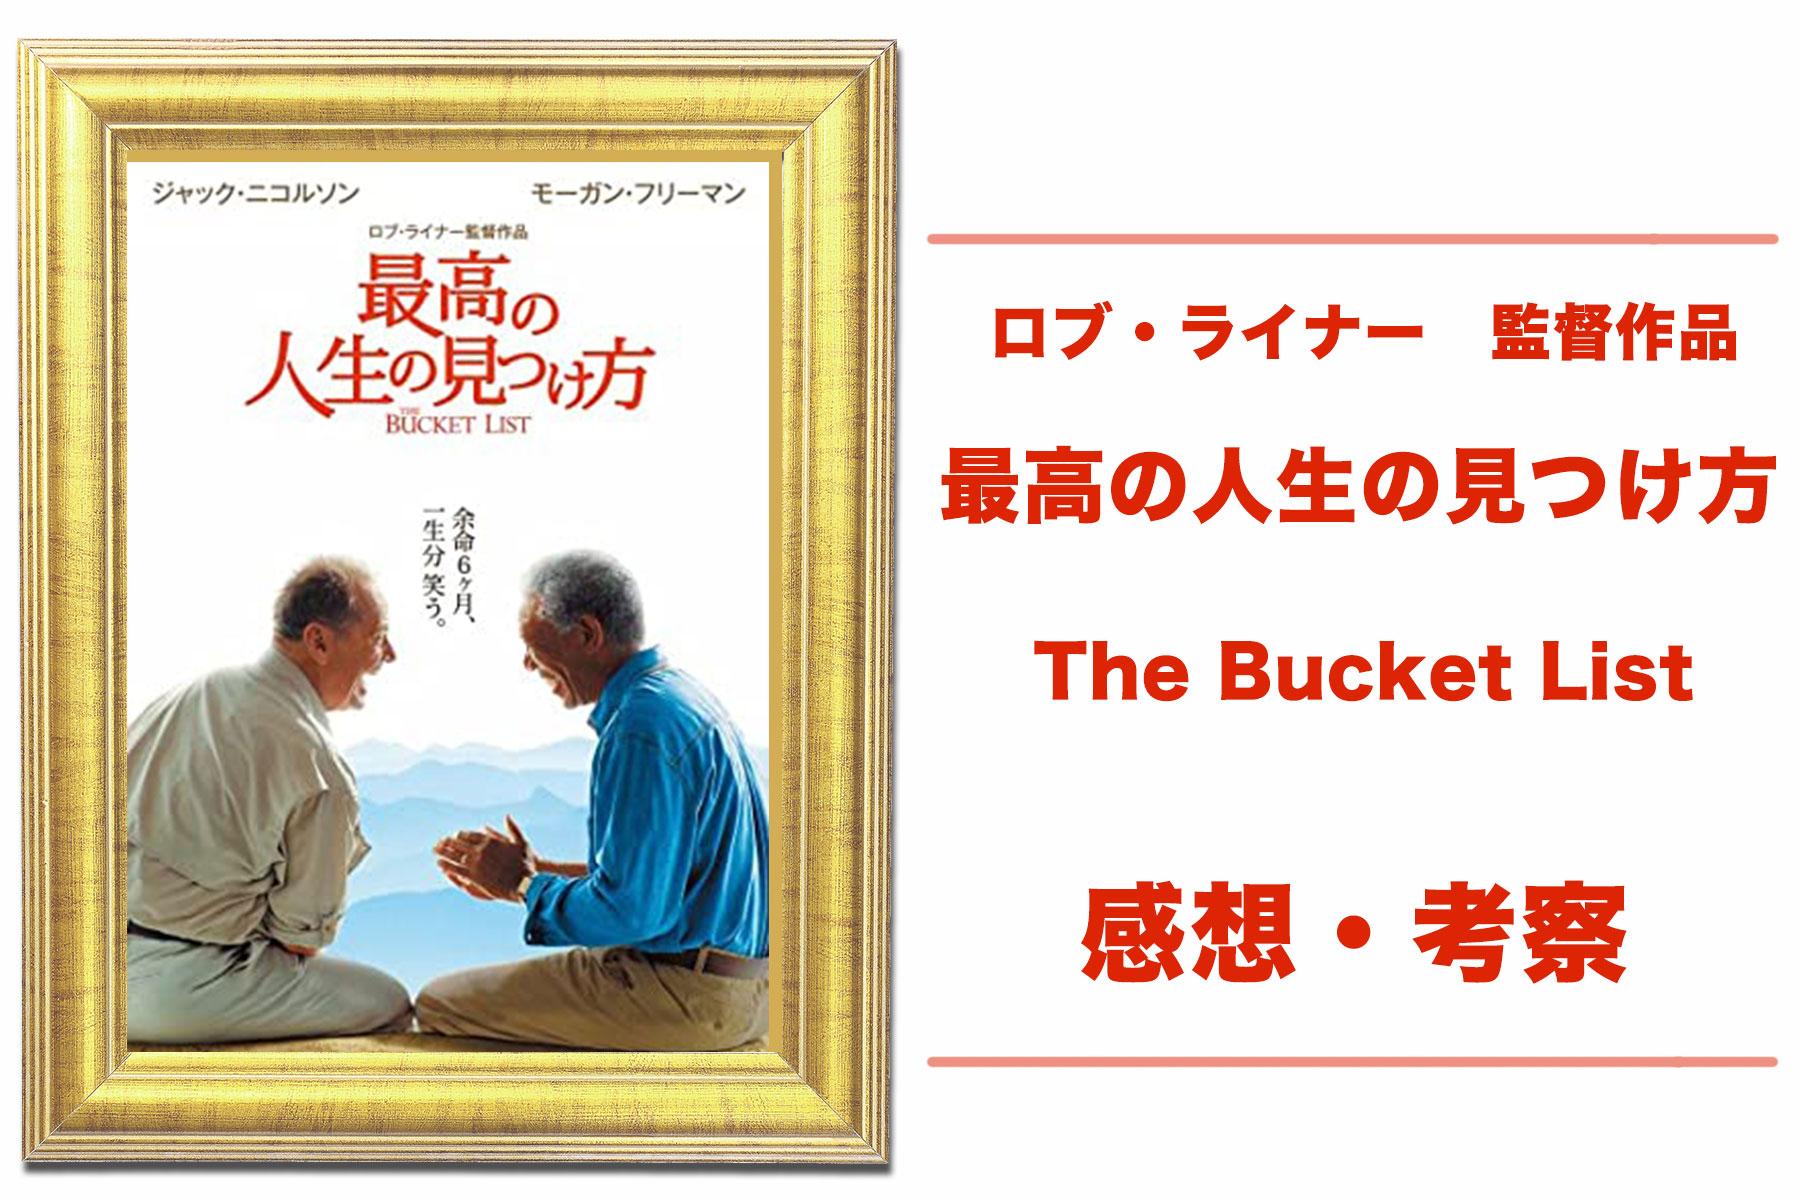 【号泣必至】『最高の人生の見つけ方』(2007)の考察とラストの解説!泣けると言われる名作の魅力とは?